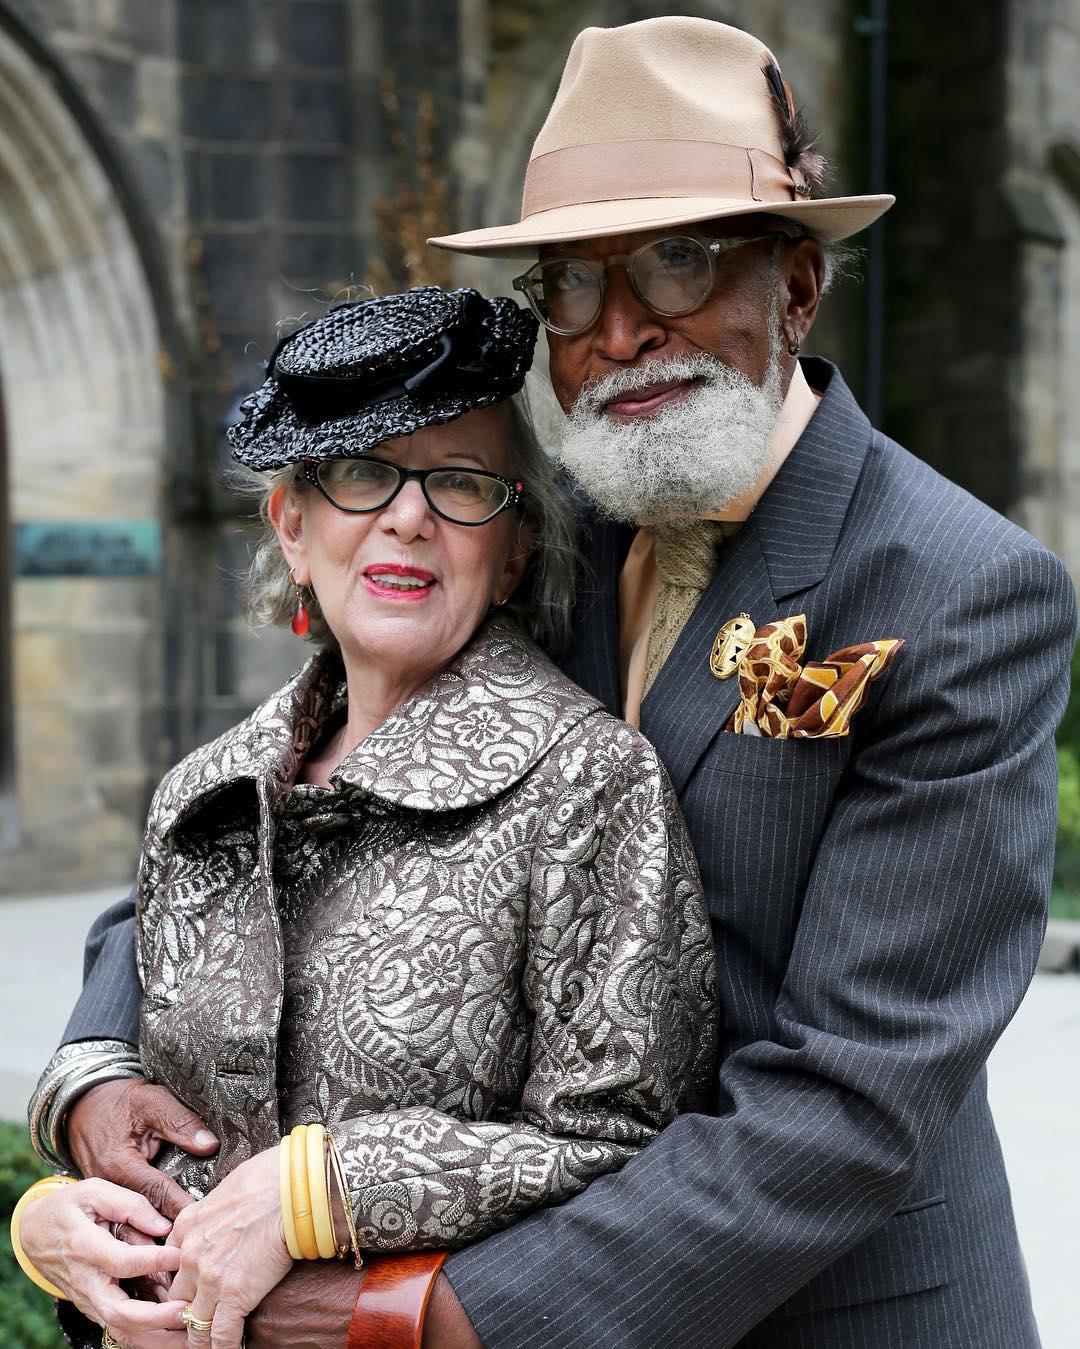 Resultado de imagen para parejas viejitos modernos